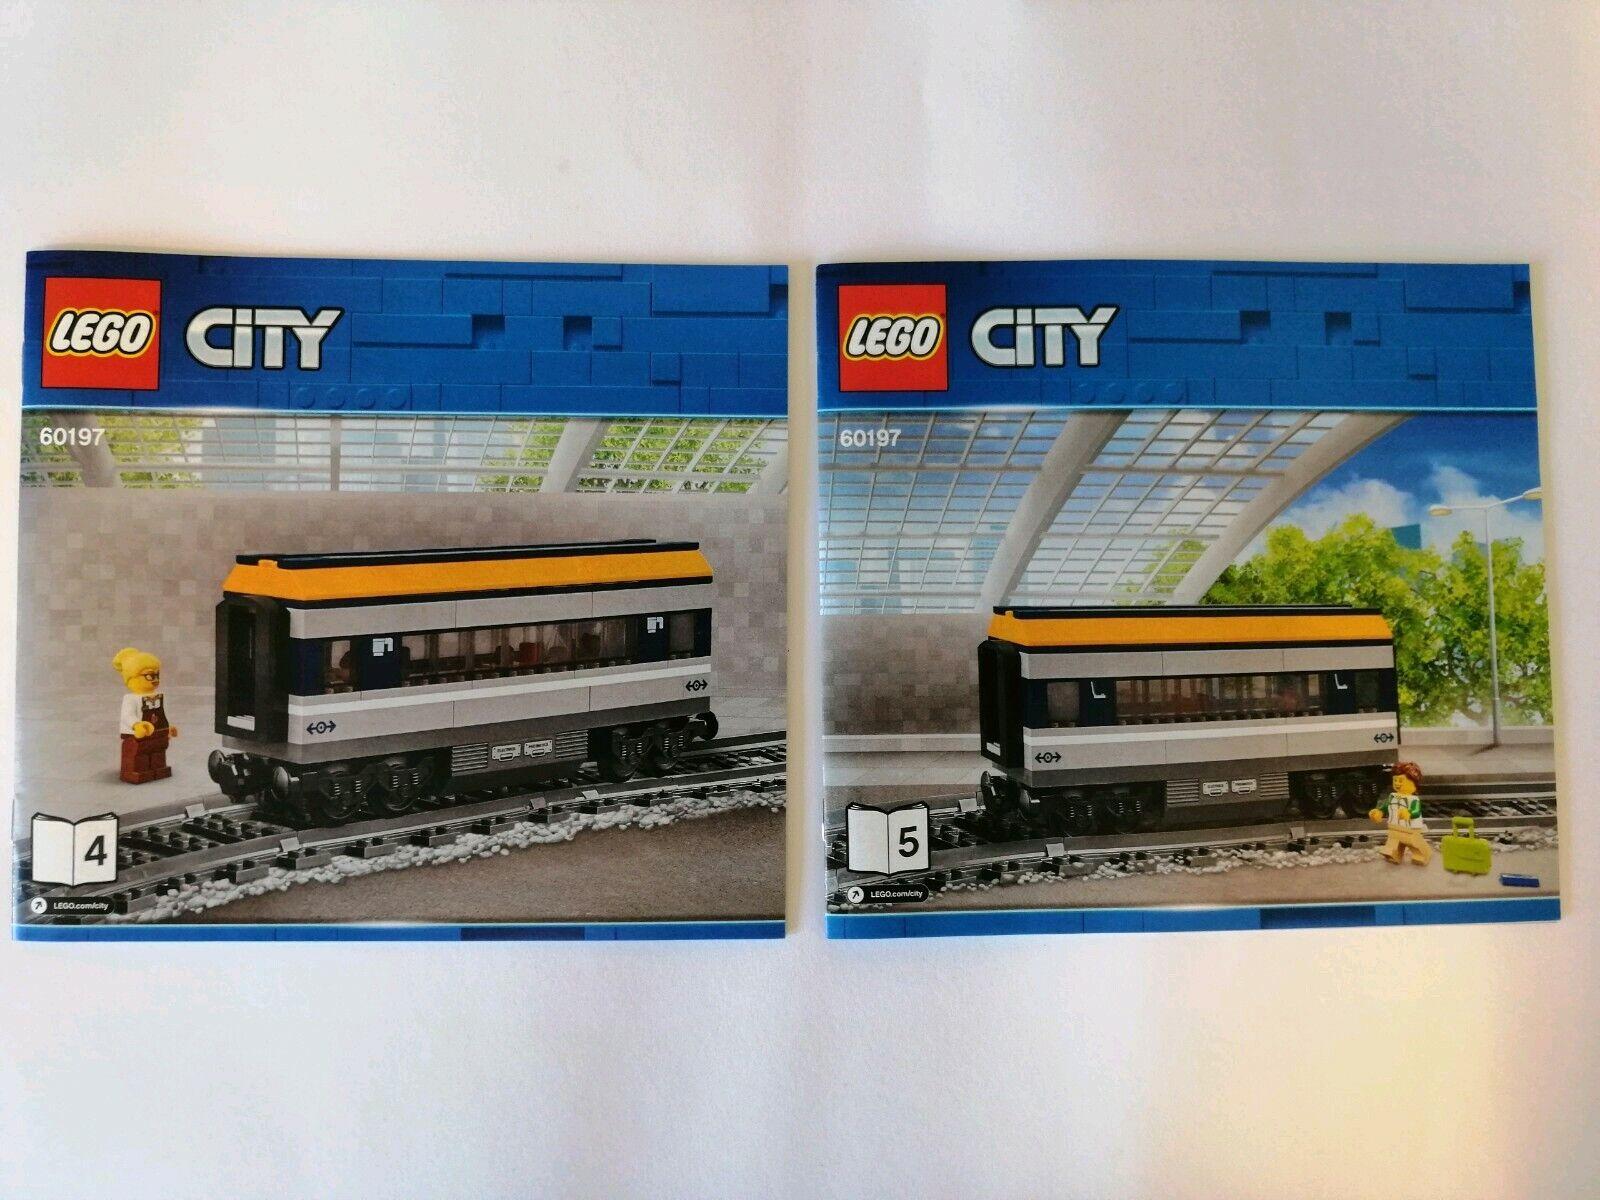 Lego City Eisenbahn aus 60197 Speisewaggon + Personenwaggon + Figuren + BA Neu